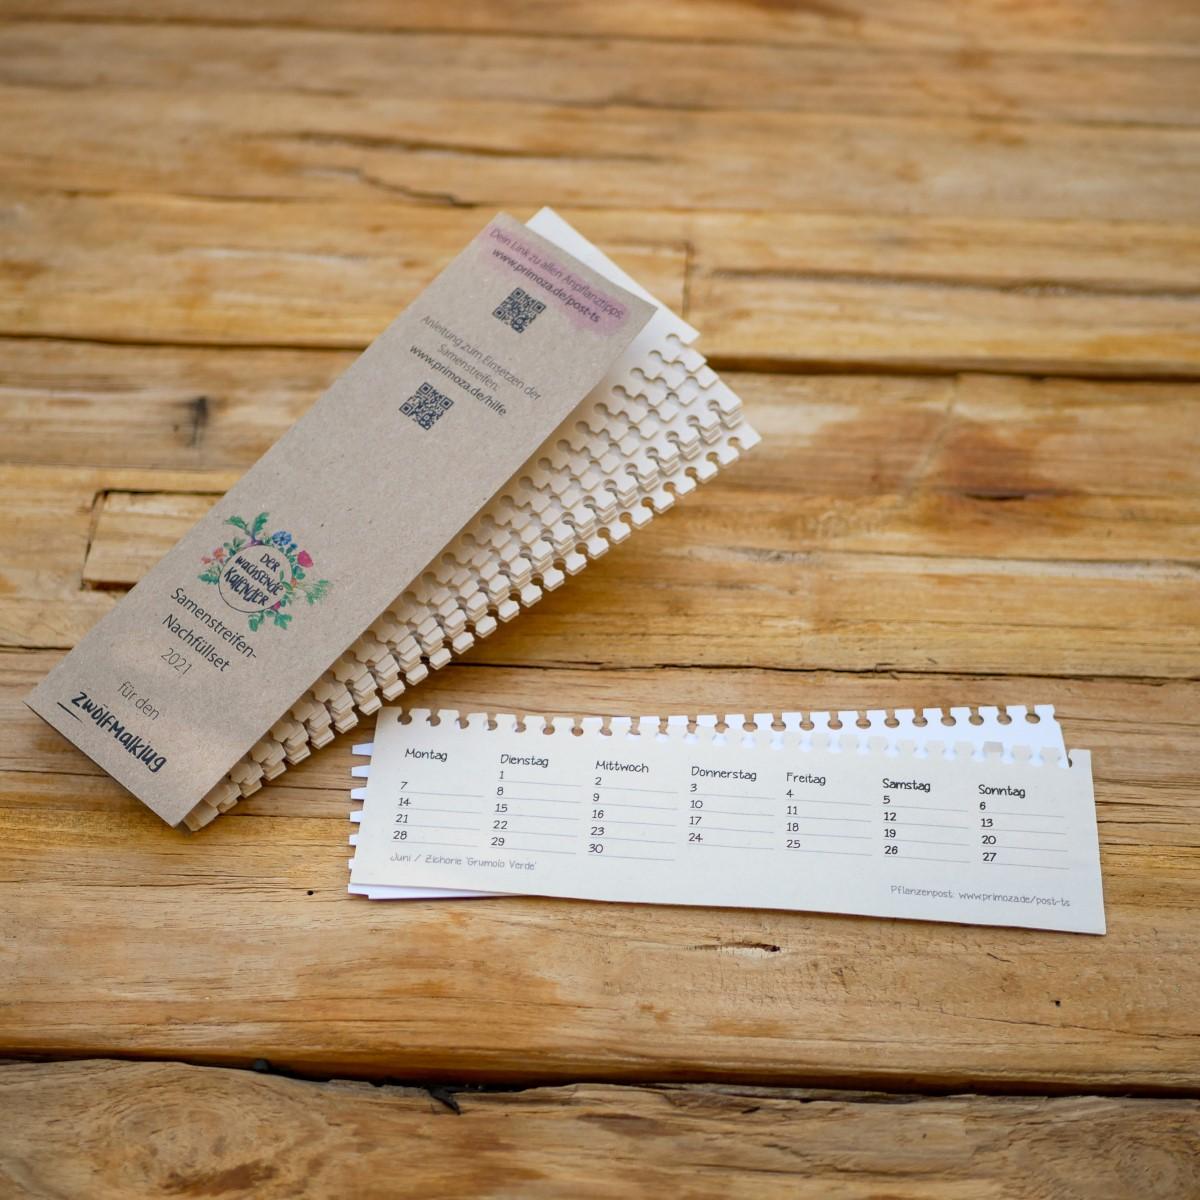 Samenstreifen-Kalendarium aus Samenpapier für den einpflanzbaren Kalender Zwölfmalklug. Für Gemüseanbau auf dem Balkon und im Garten. Zero Waste